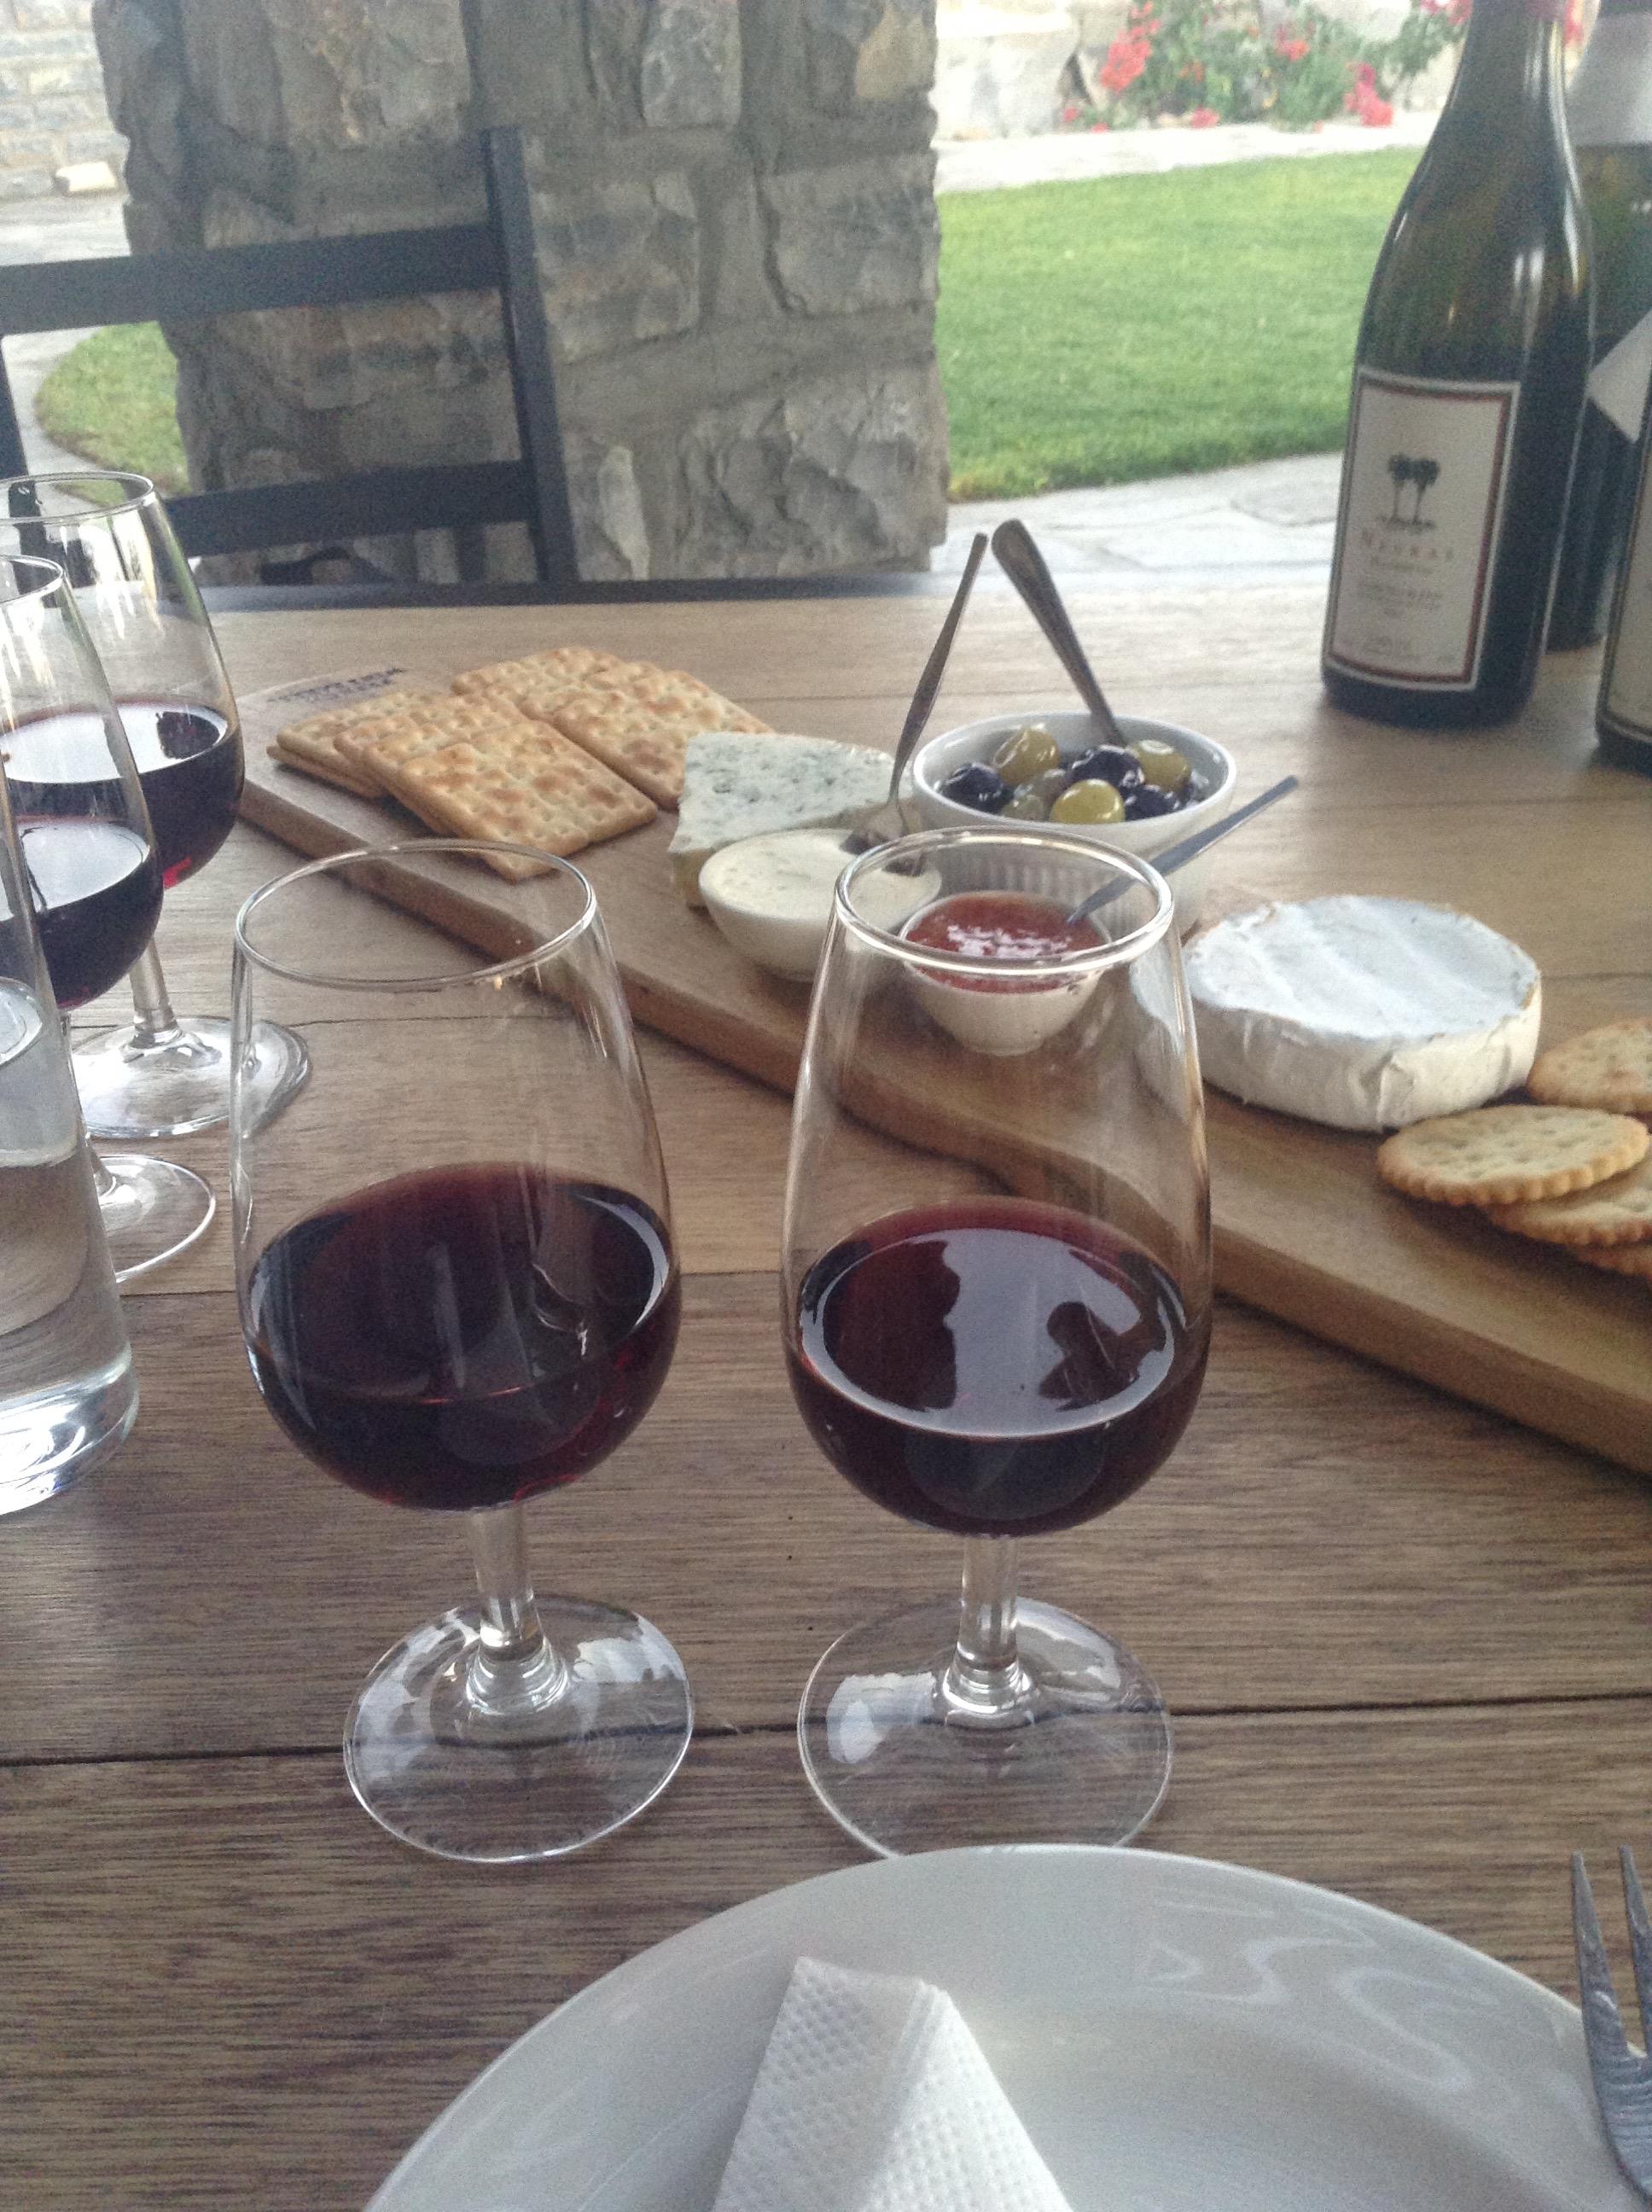 試飲コースではチーズなどのつまみ付き。ボトル1本づつ試飲できる大判振る舞い